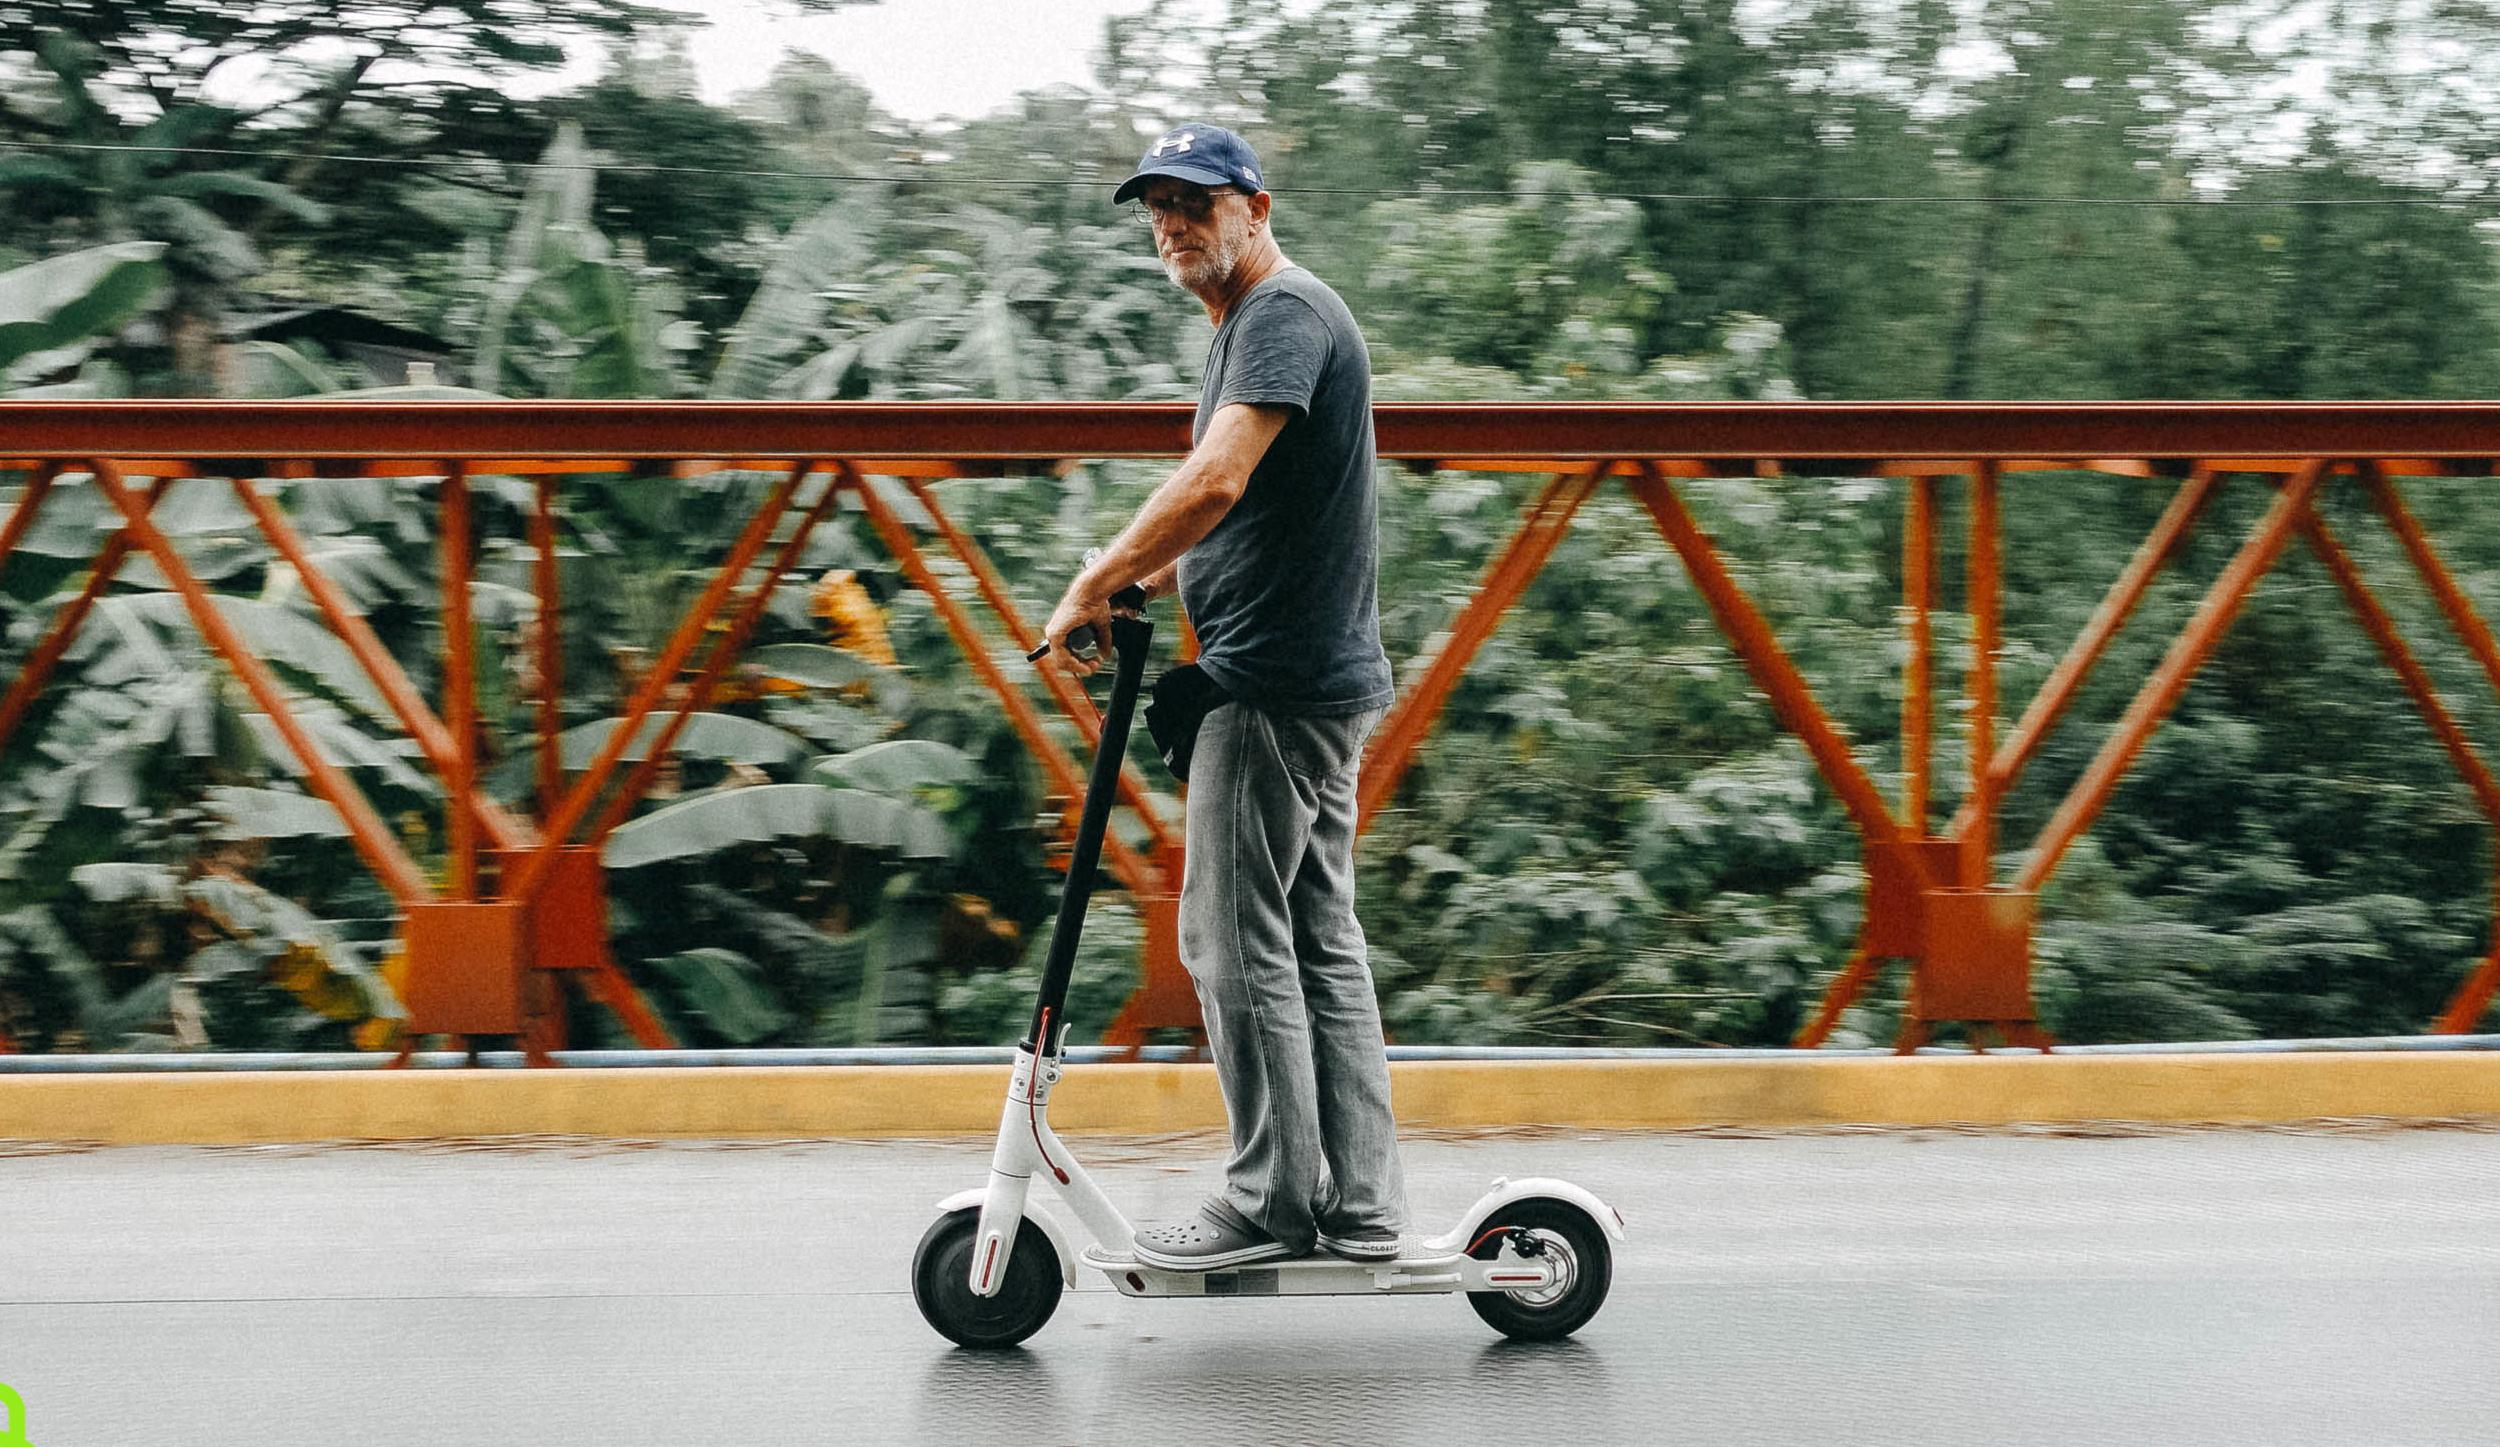 Así debes circular si vas en patinete: hasta 25 km/h, sin casco y por la calzada